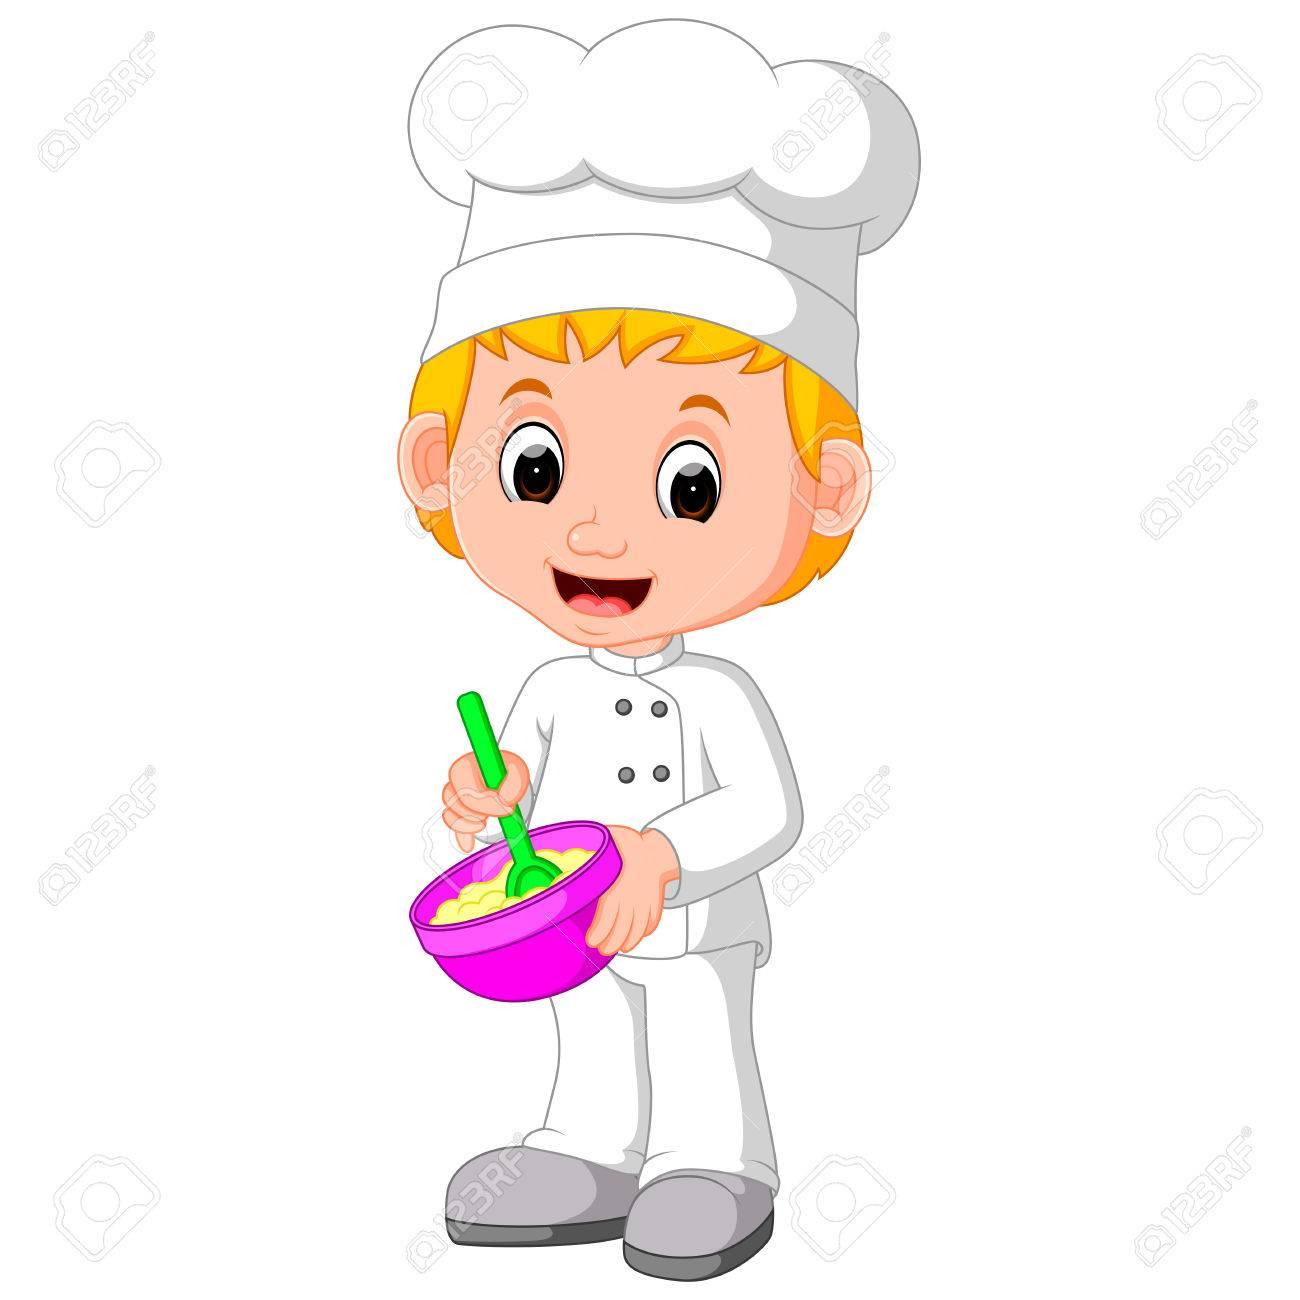 cute chefs make bread - 76848931